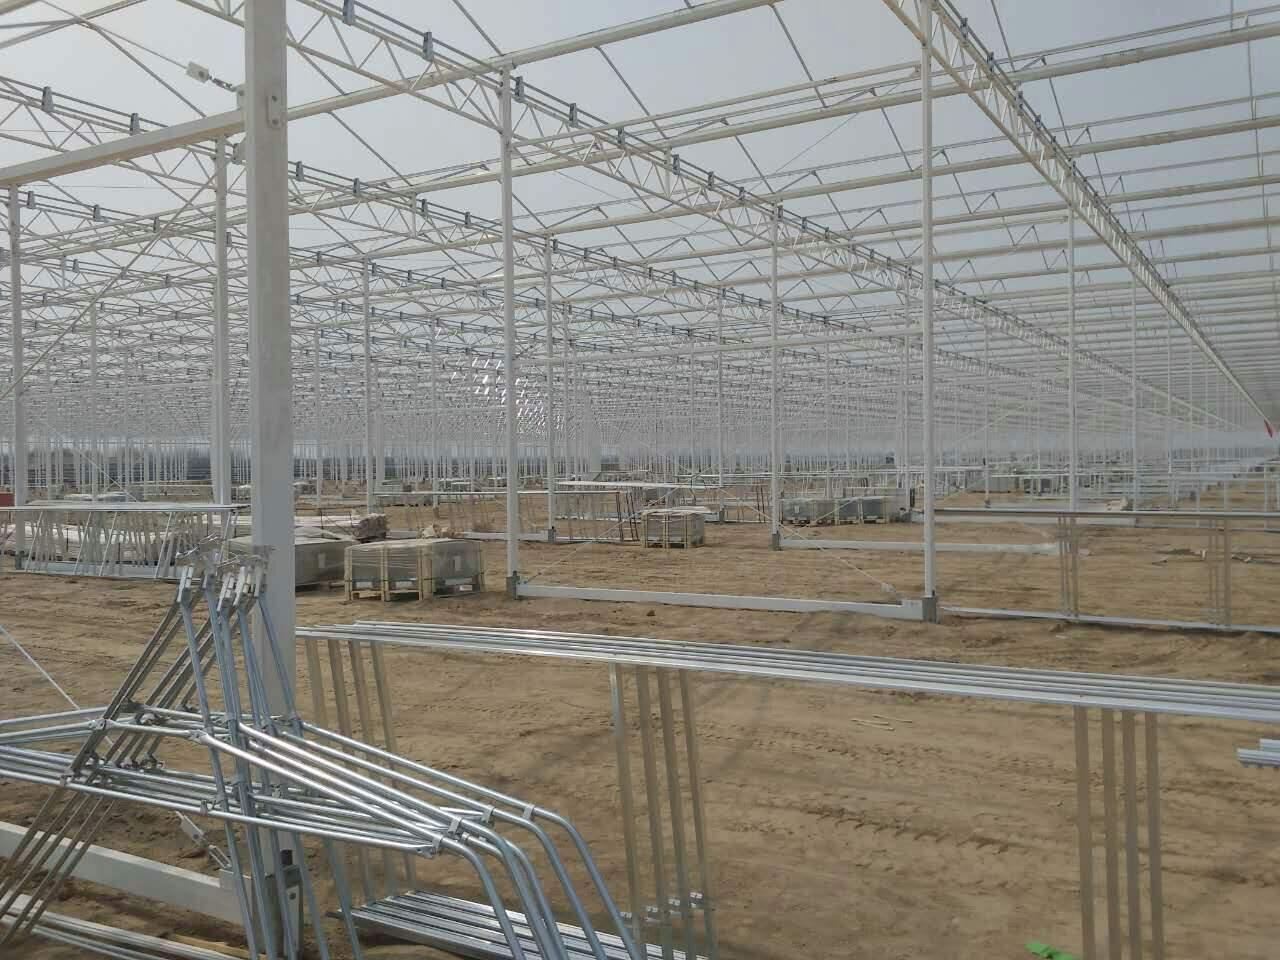 玻璃温室骨架 山东玻璃温室骨架厂 玻璃温室骨架一平方多少钱 潍坊建达温室材料公司